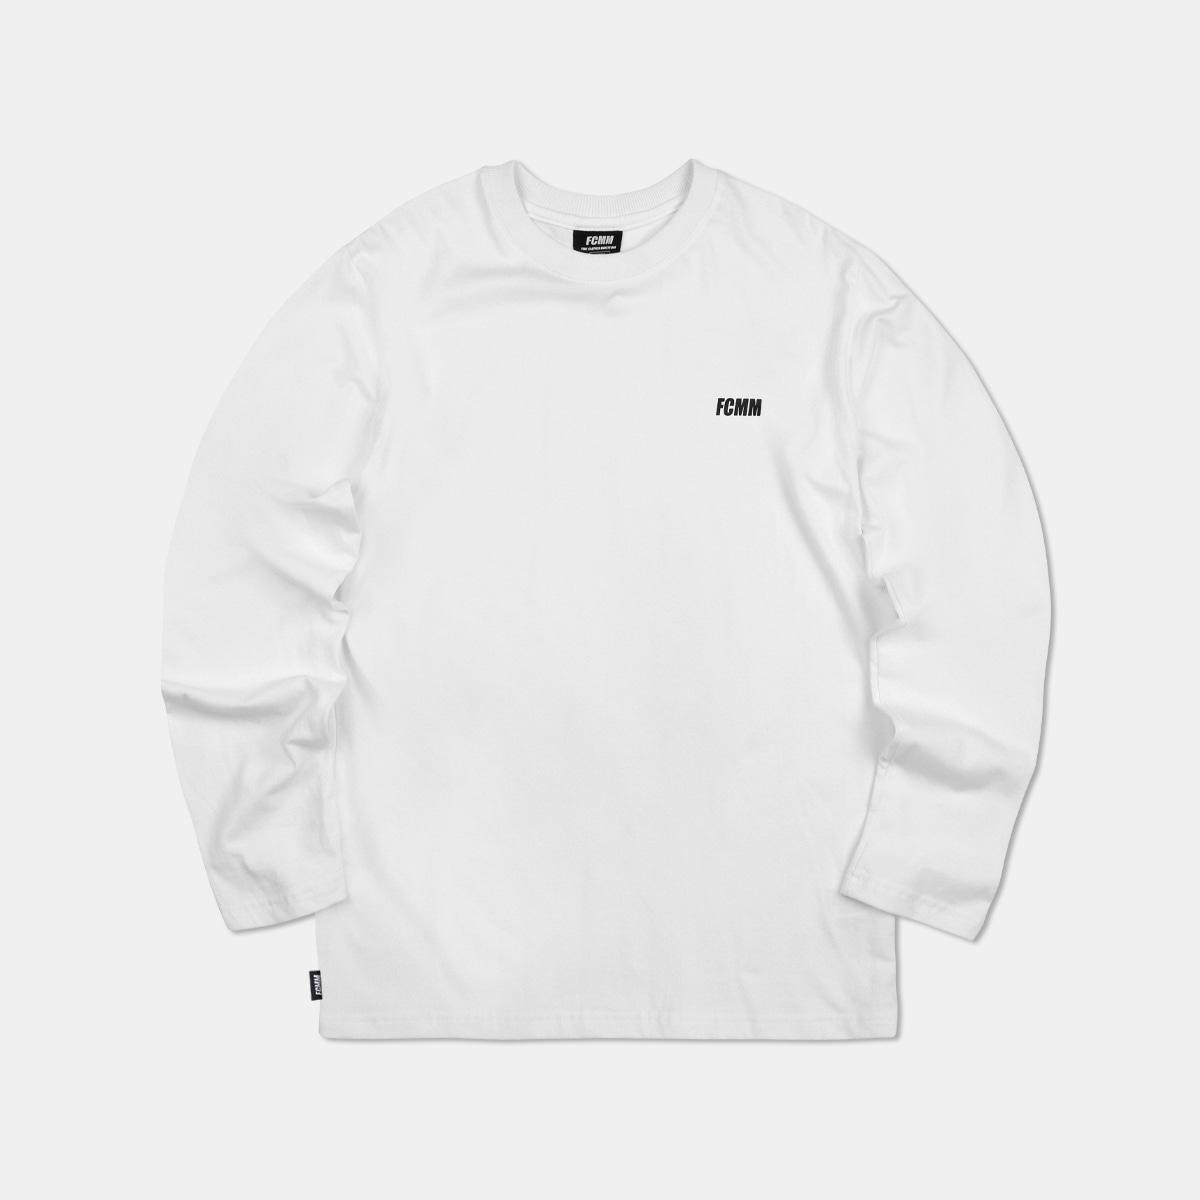 클럽 롱슬리브 티셔츠 - 화이트 (FC-6325)